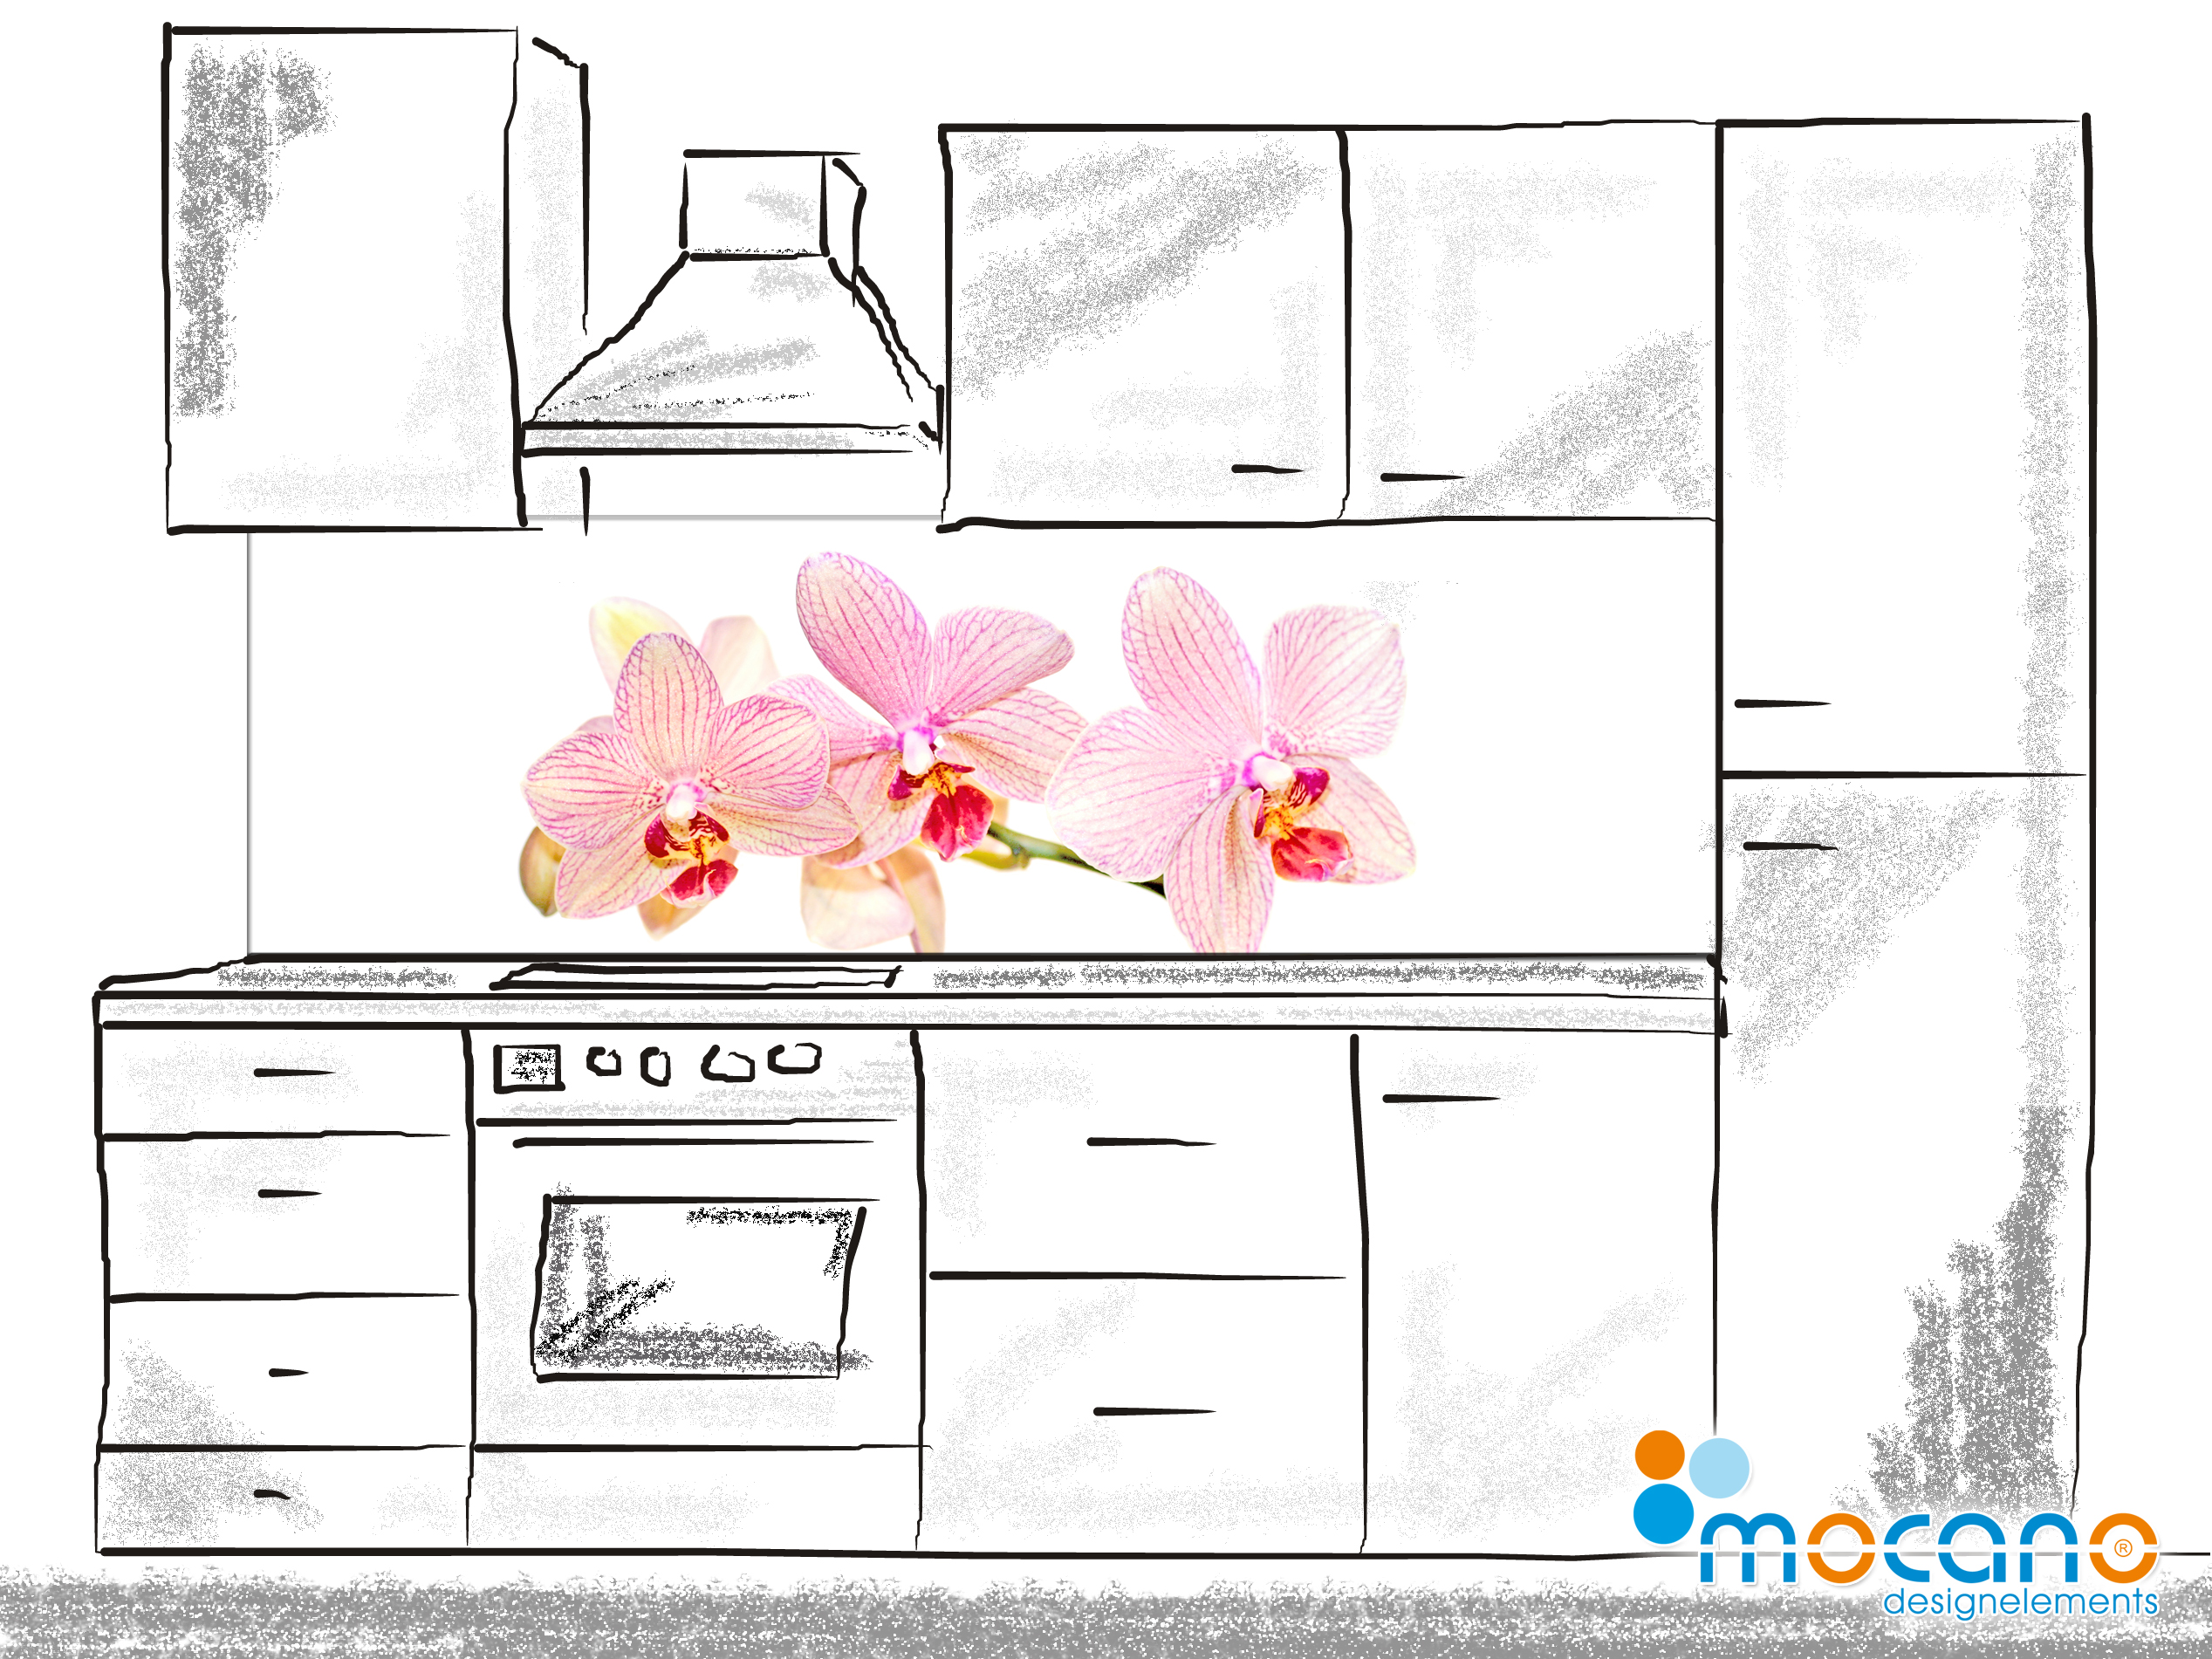 Ruckwand kuche glas orchidee for Motive fur kuchenruckwand